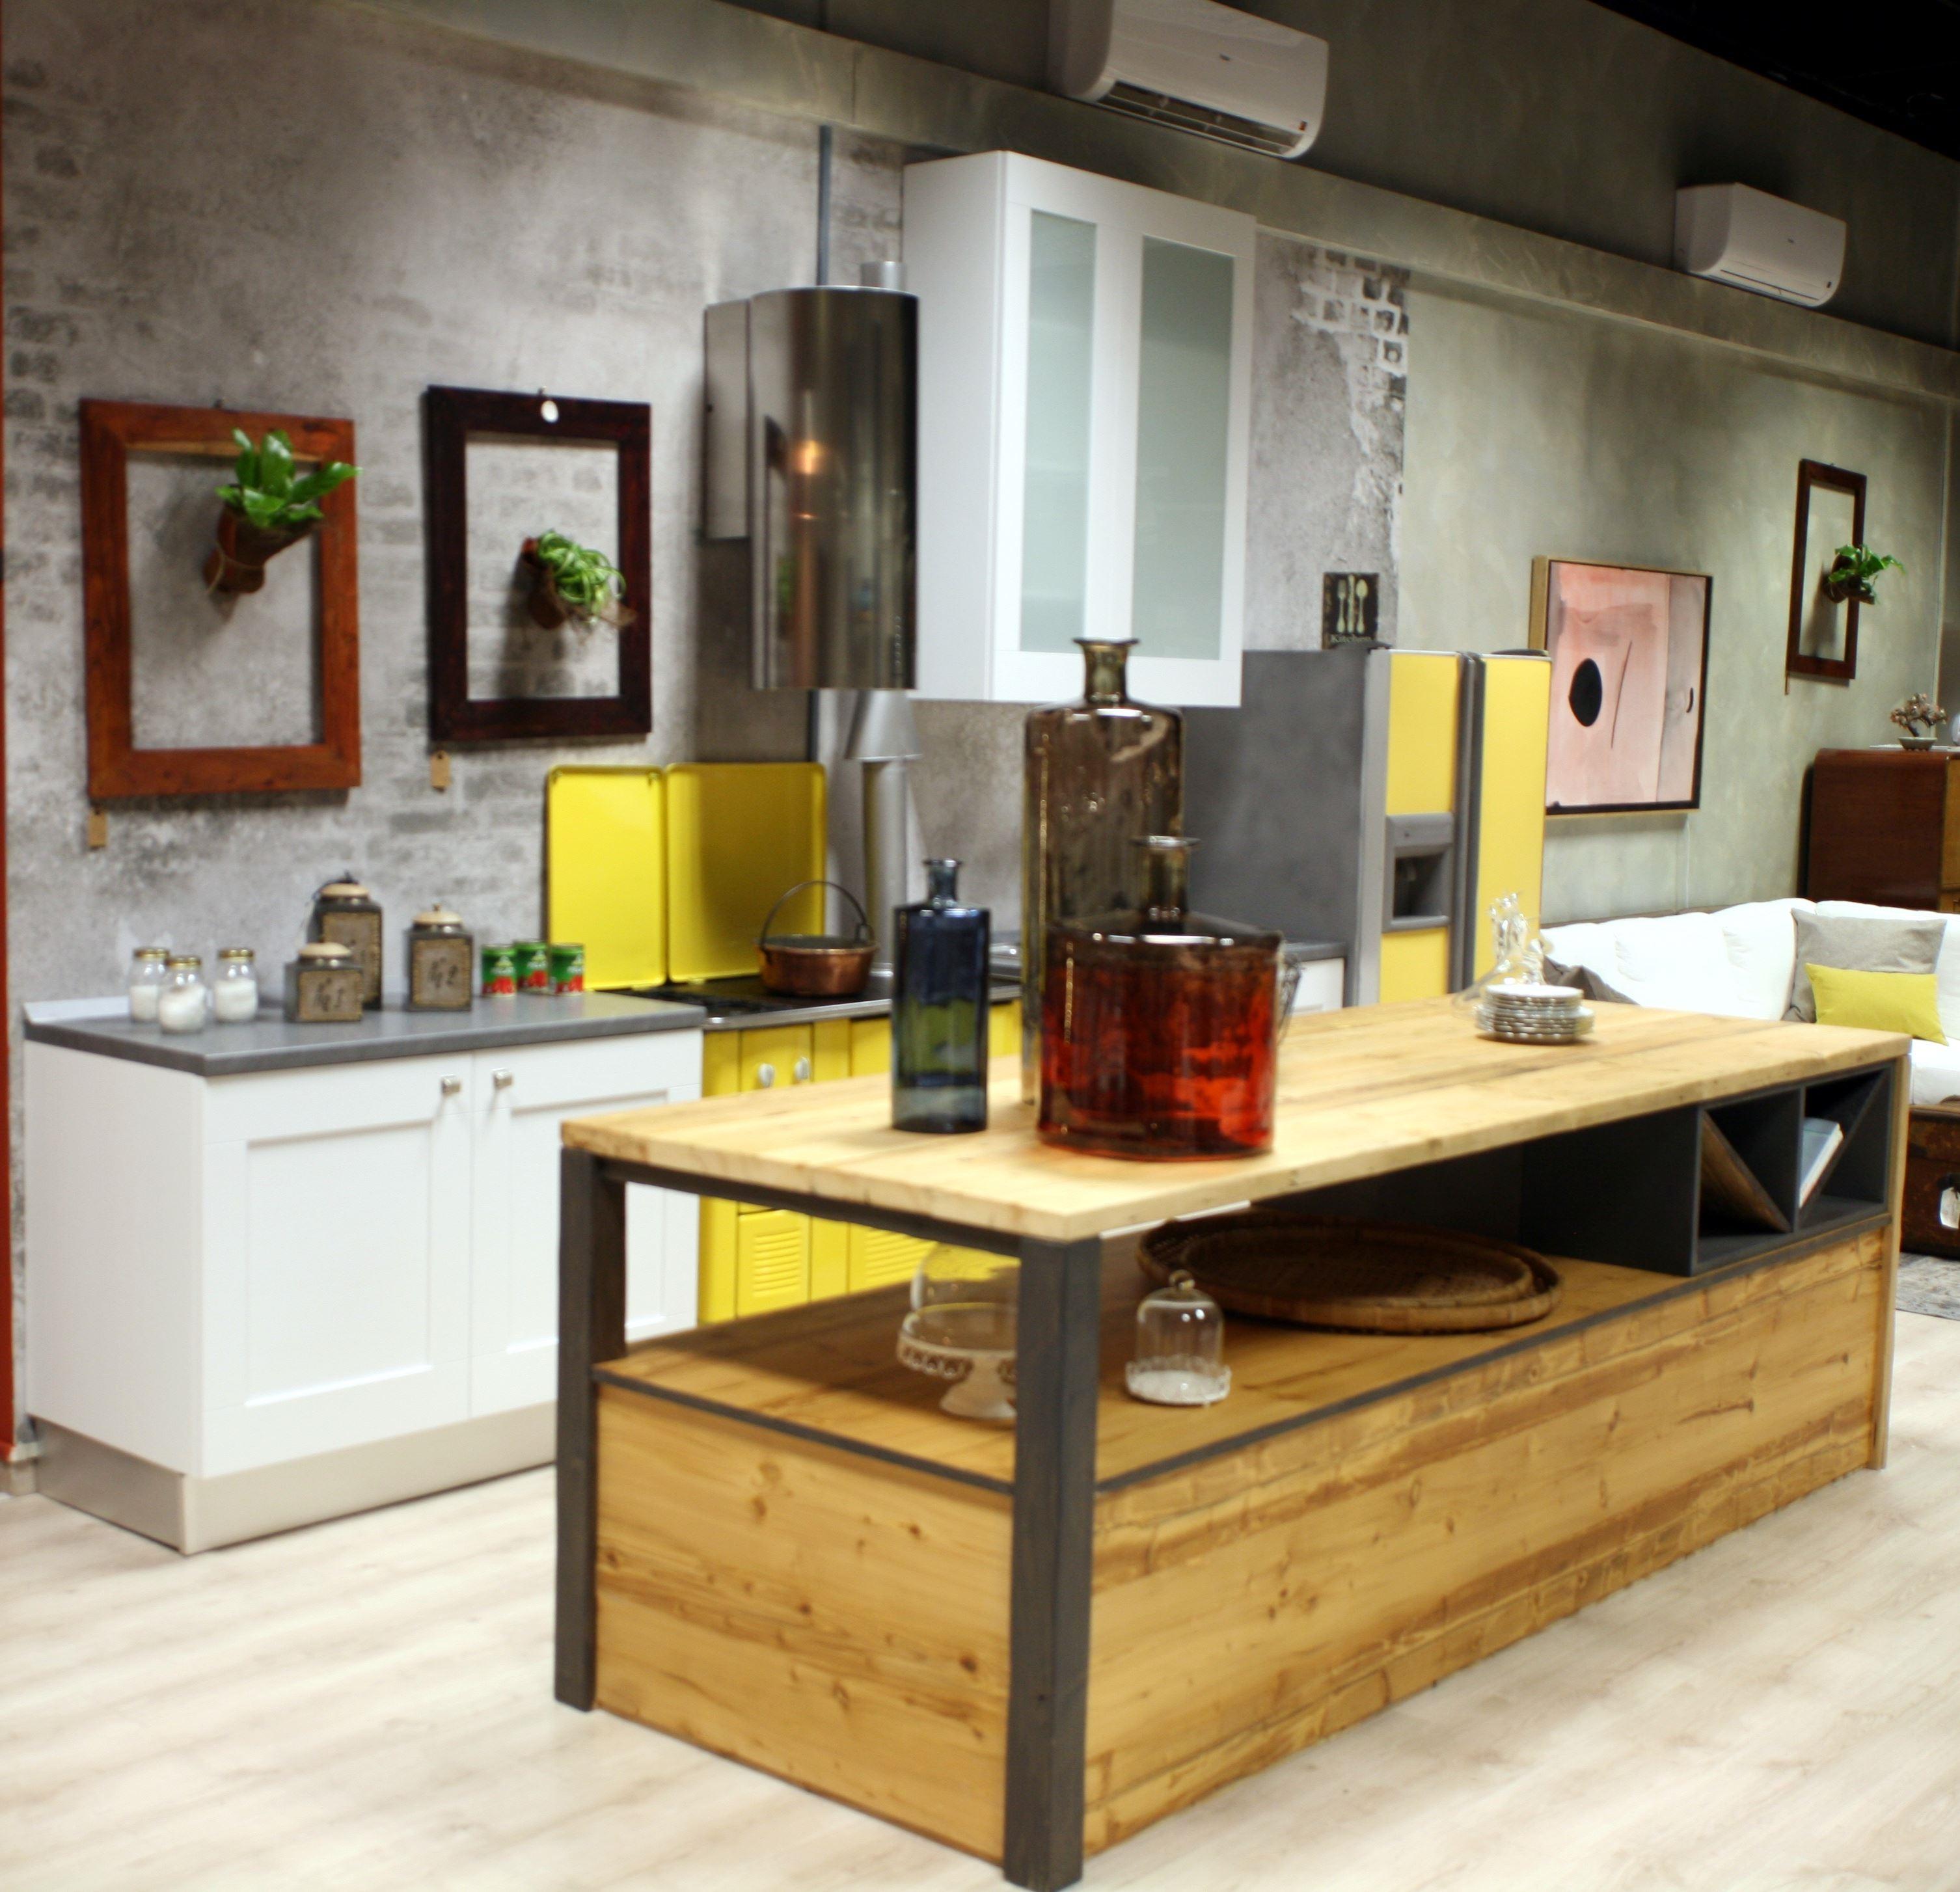 Cucine in muratura con isola centrale good cucina - Cucine moderne con isola centrale ...